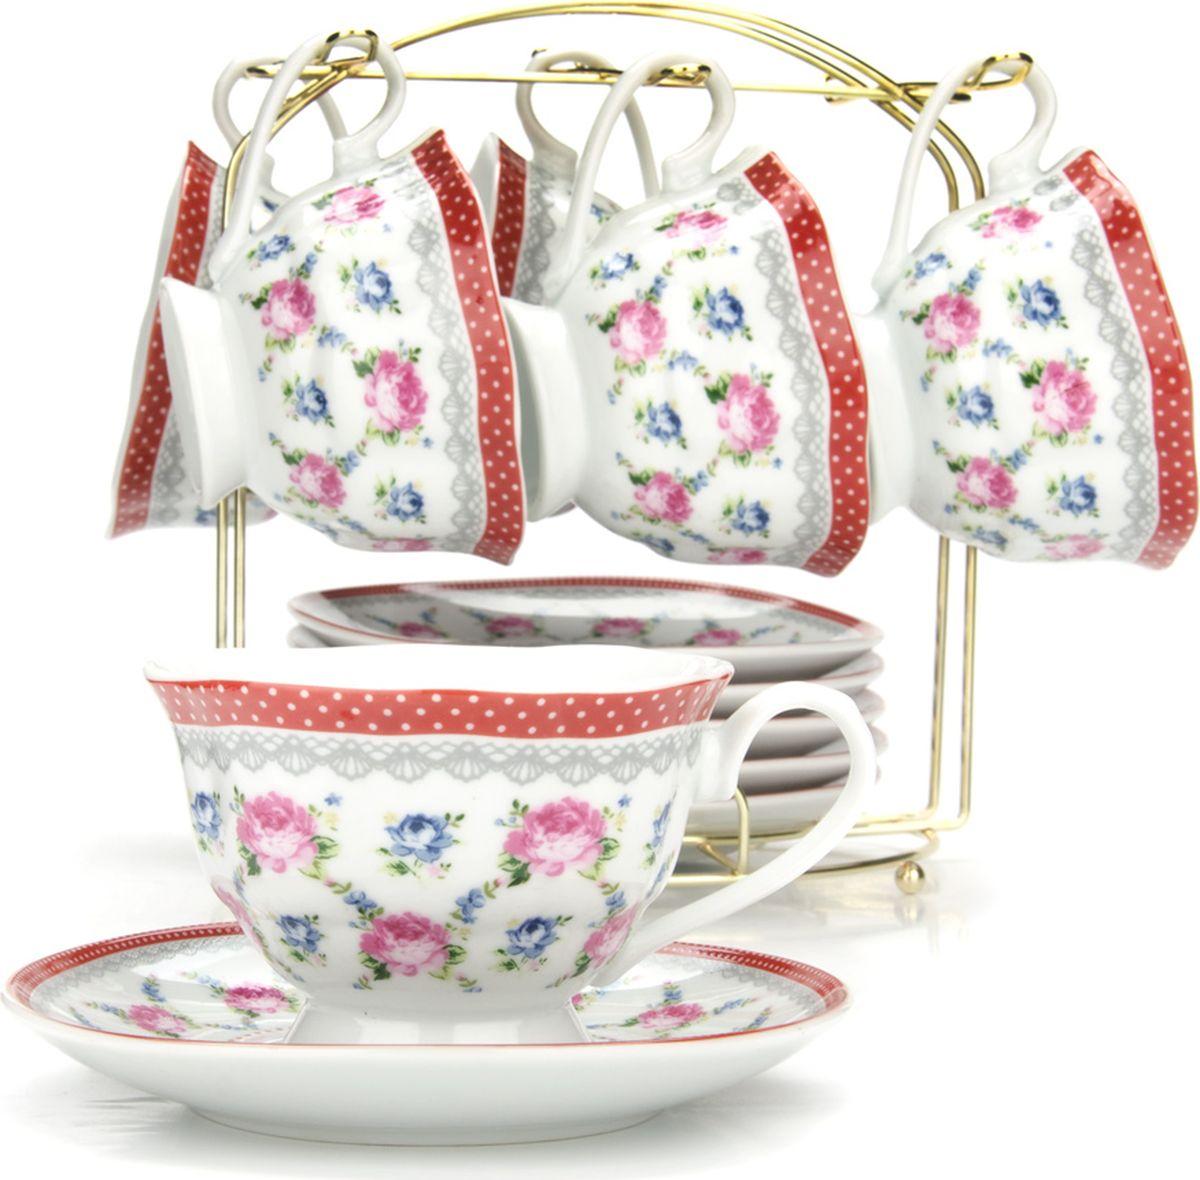 Сервиз чайный Loraine, на подставке, 13 предметов. 43296 сервиз чайный loraine на подставке 13 предметов 43283